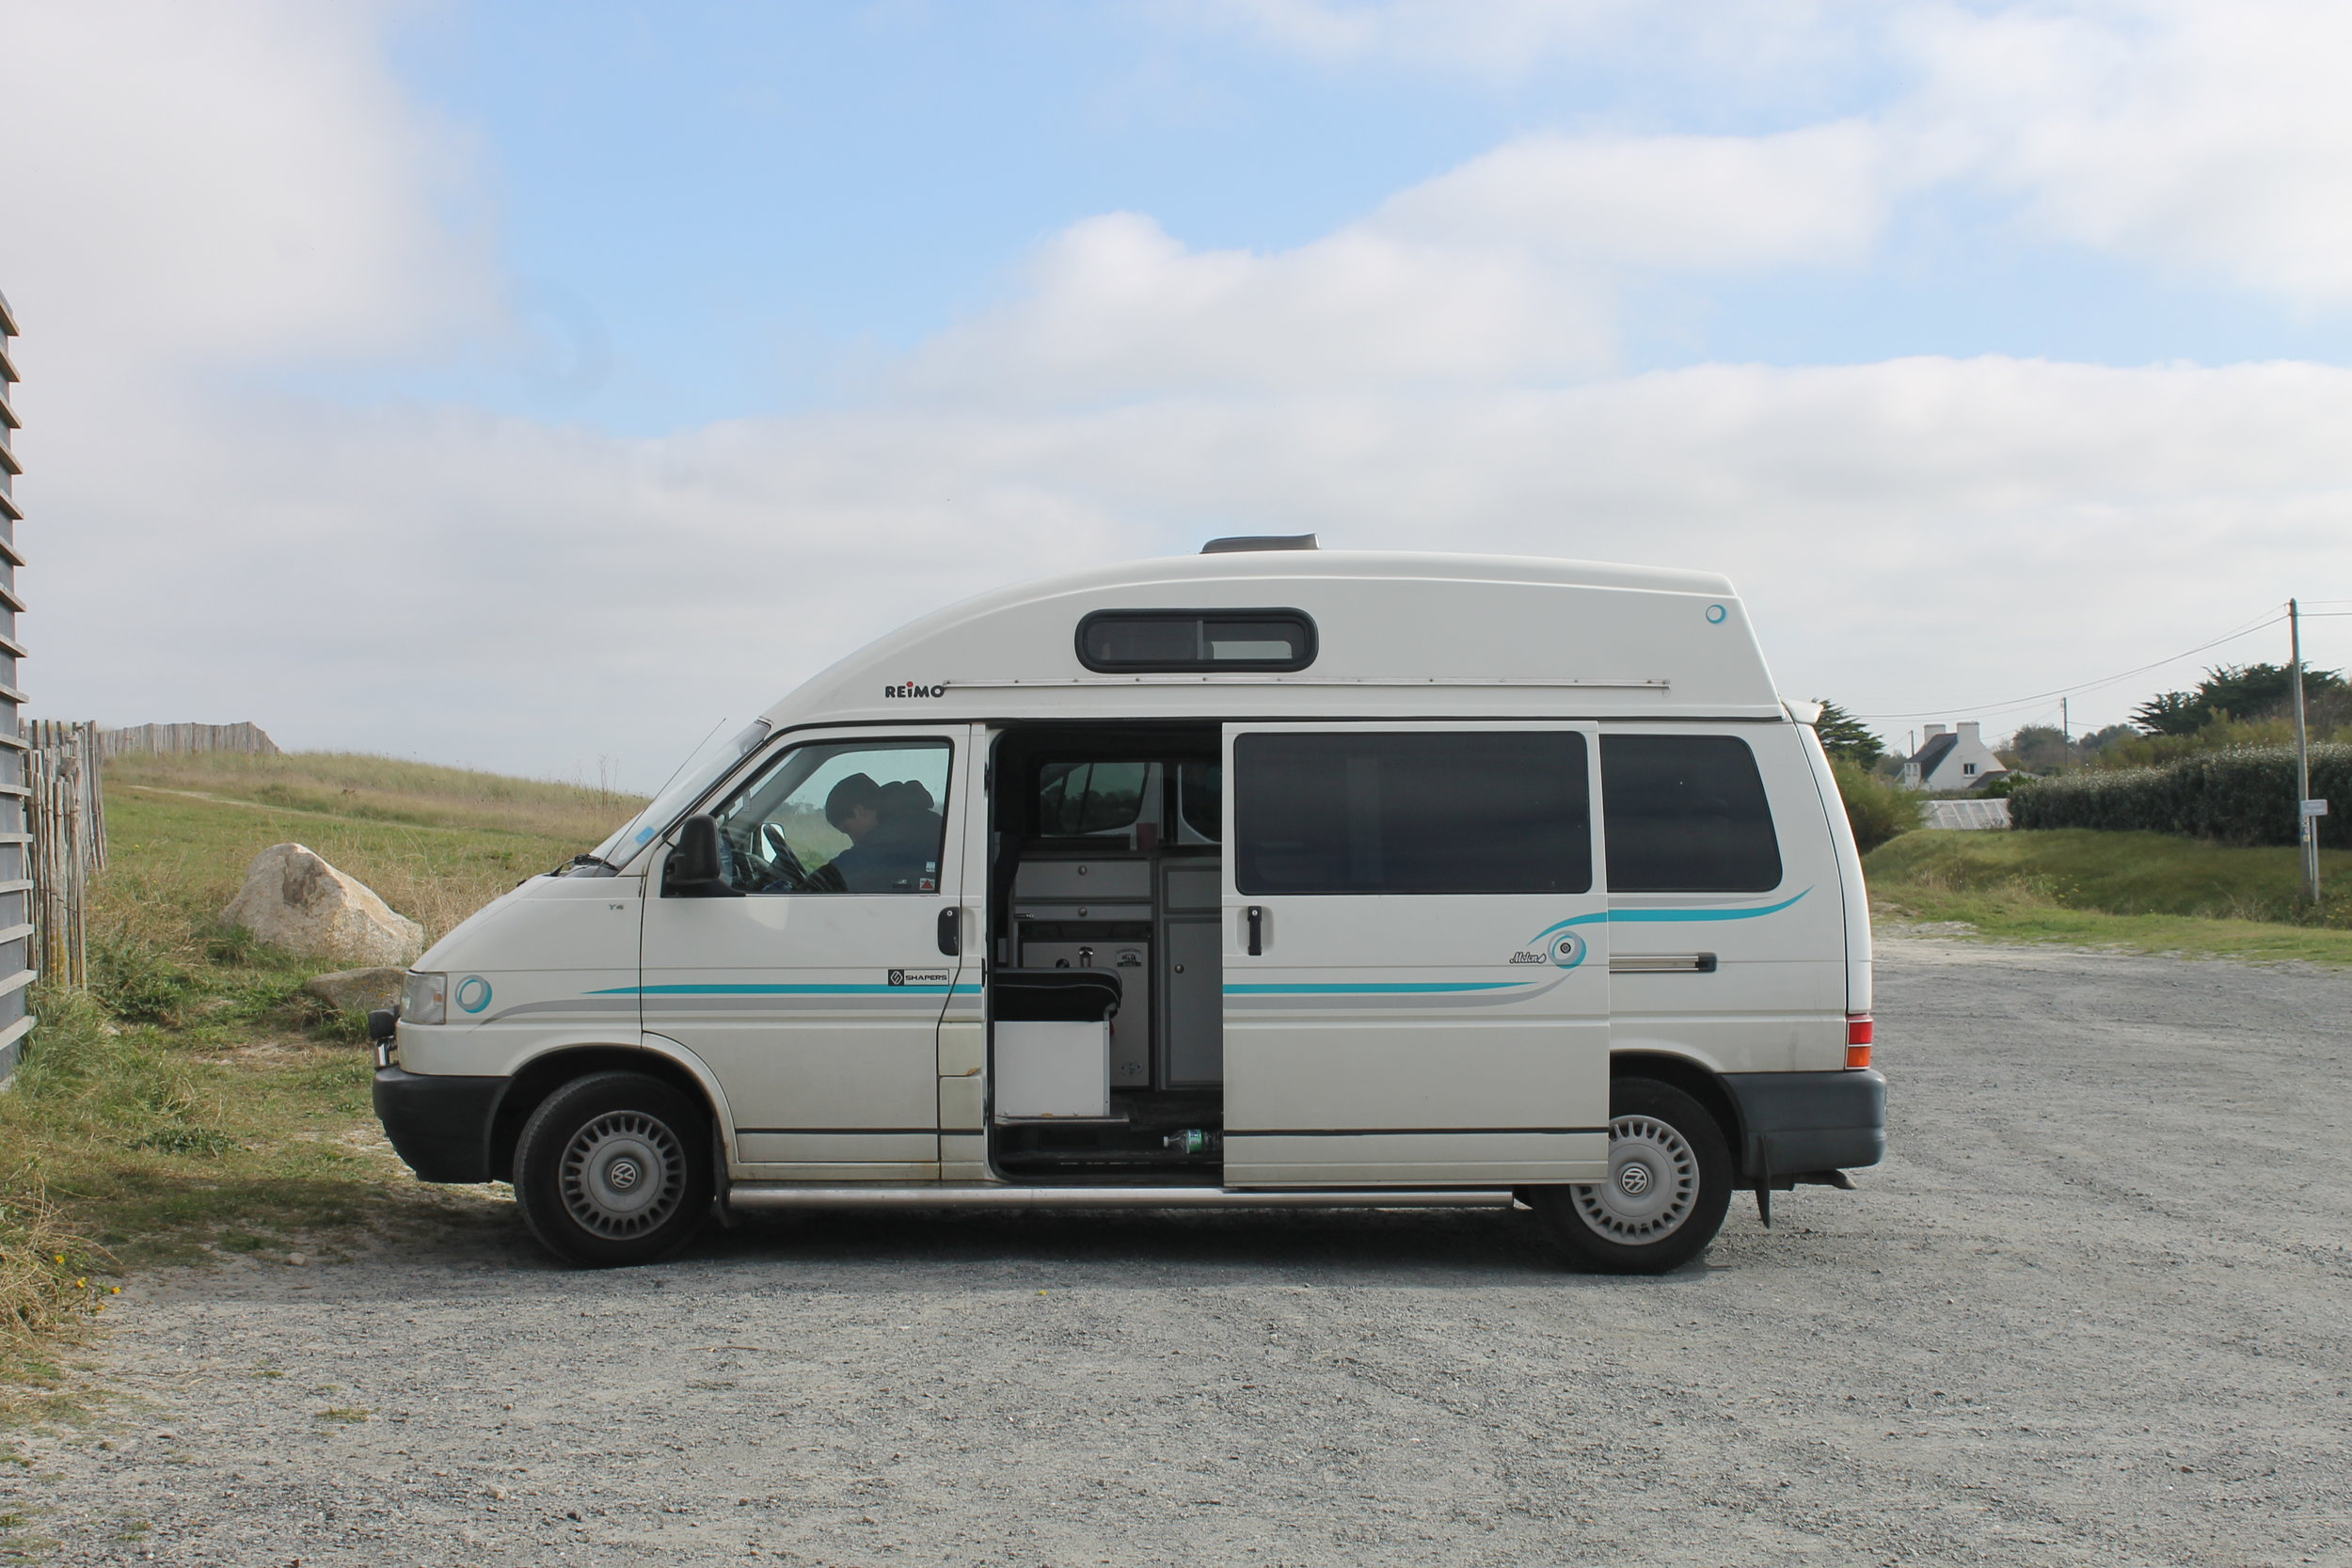 The van looking as beautiful as ever